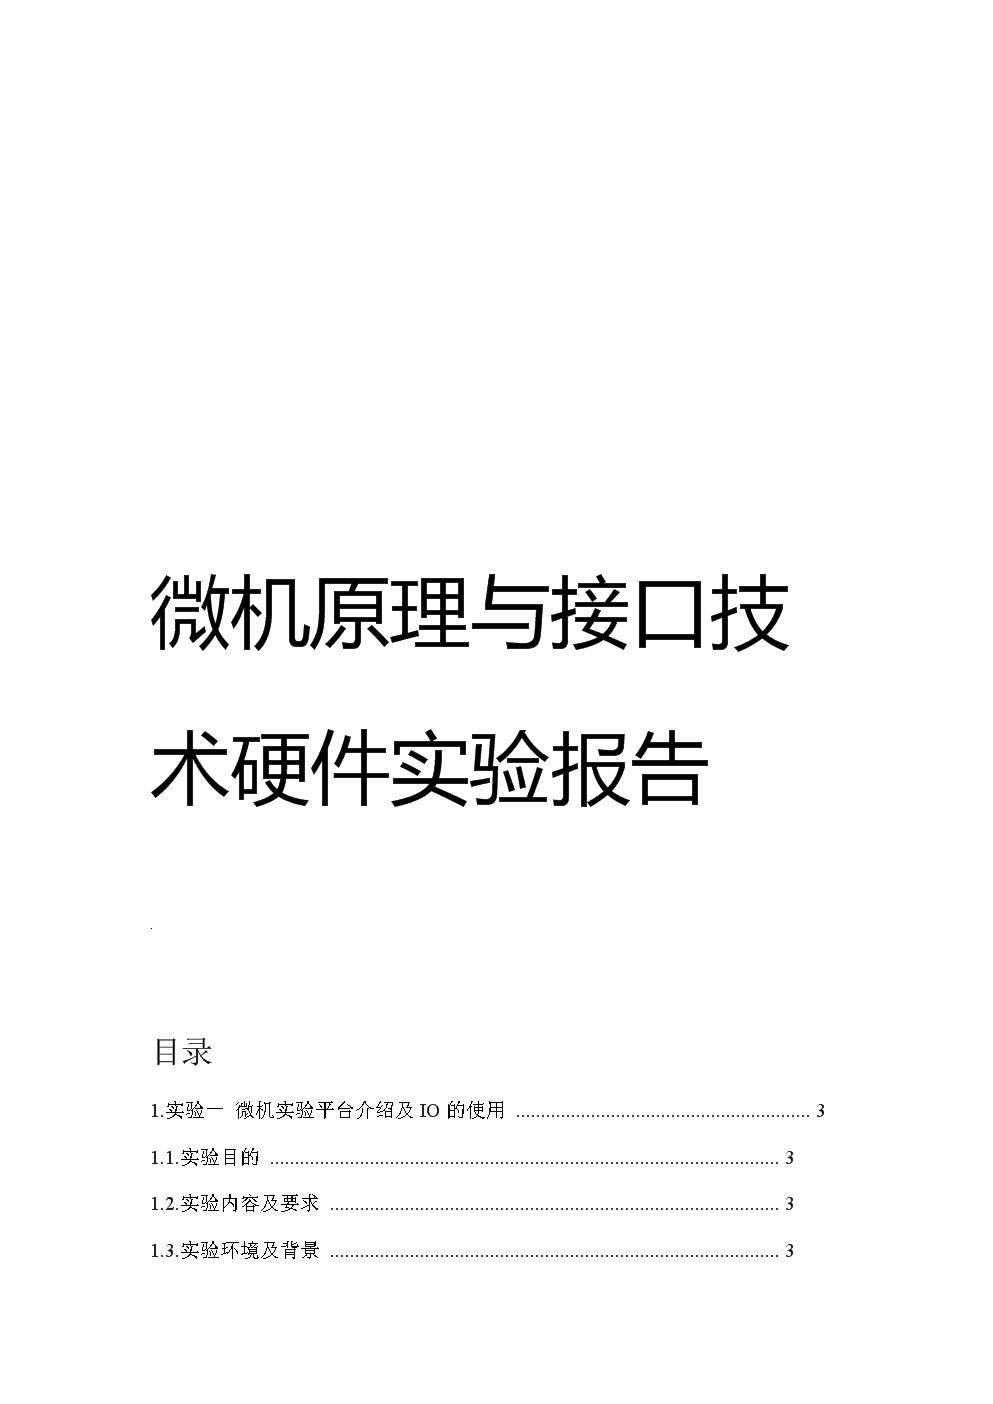 北邮—微机原理与接口技术.doc